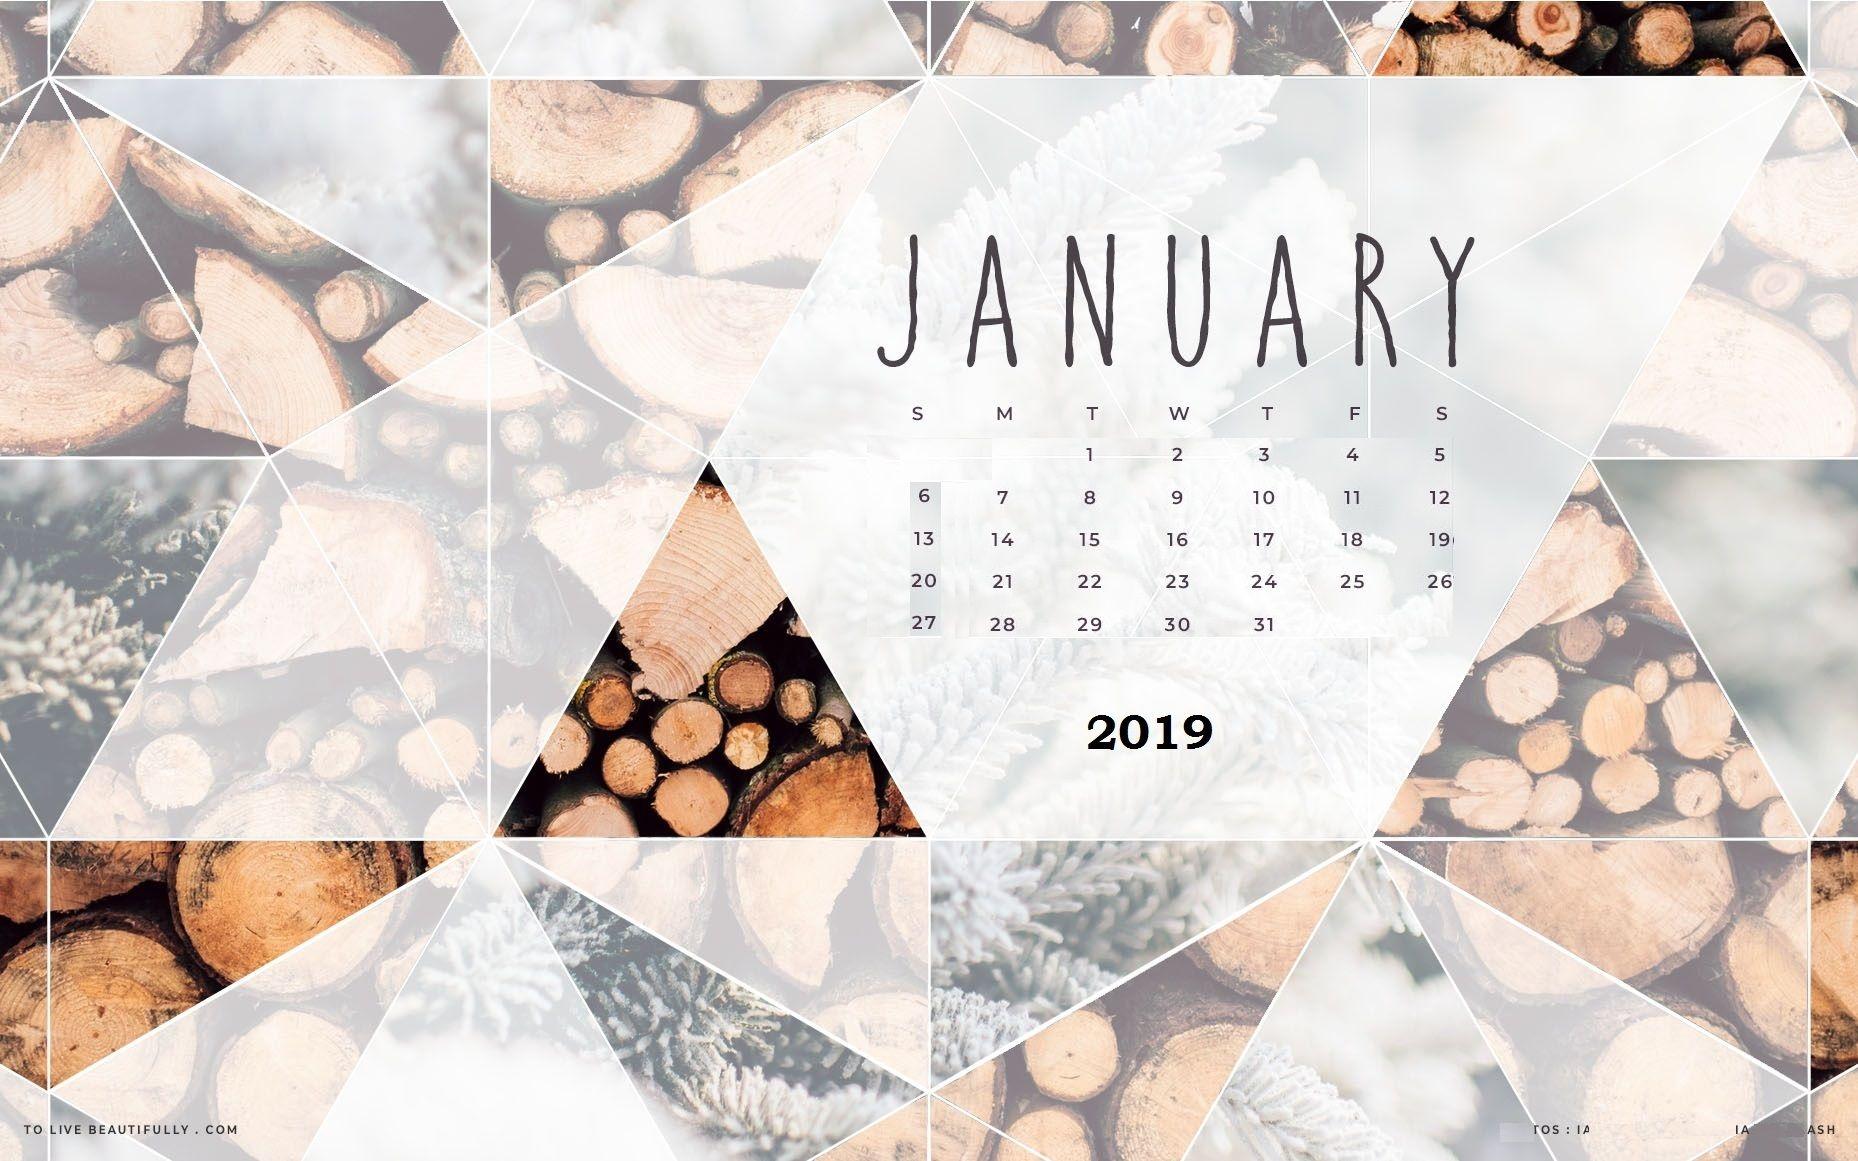 jan 2019 hd wallpaper with calendar monthly calendar templates January 2019 HD Calendar Wallpapers erdferdf